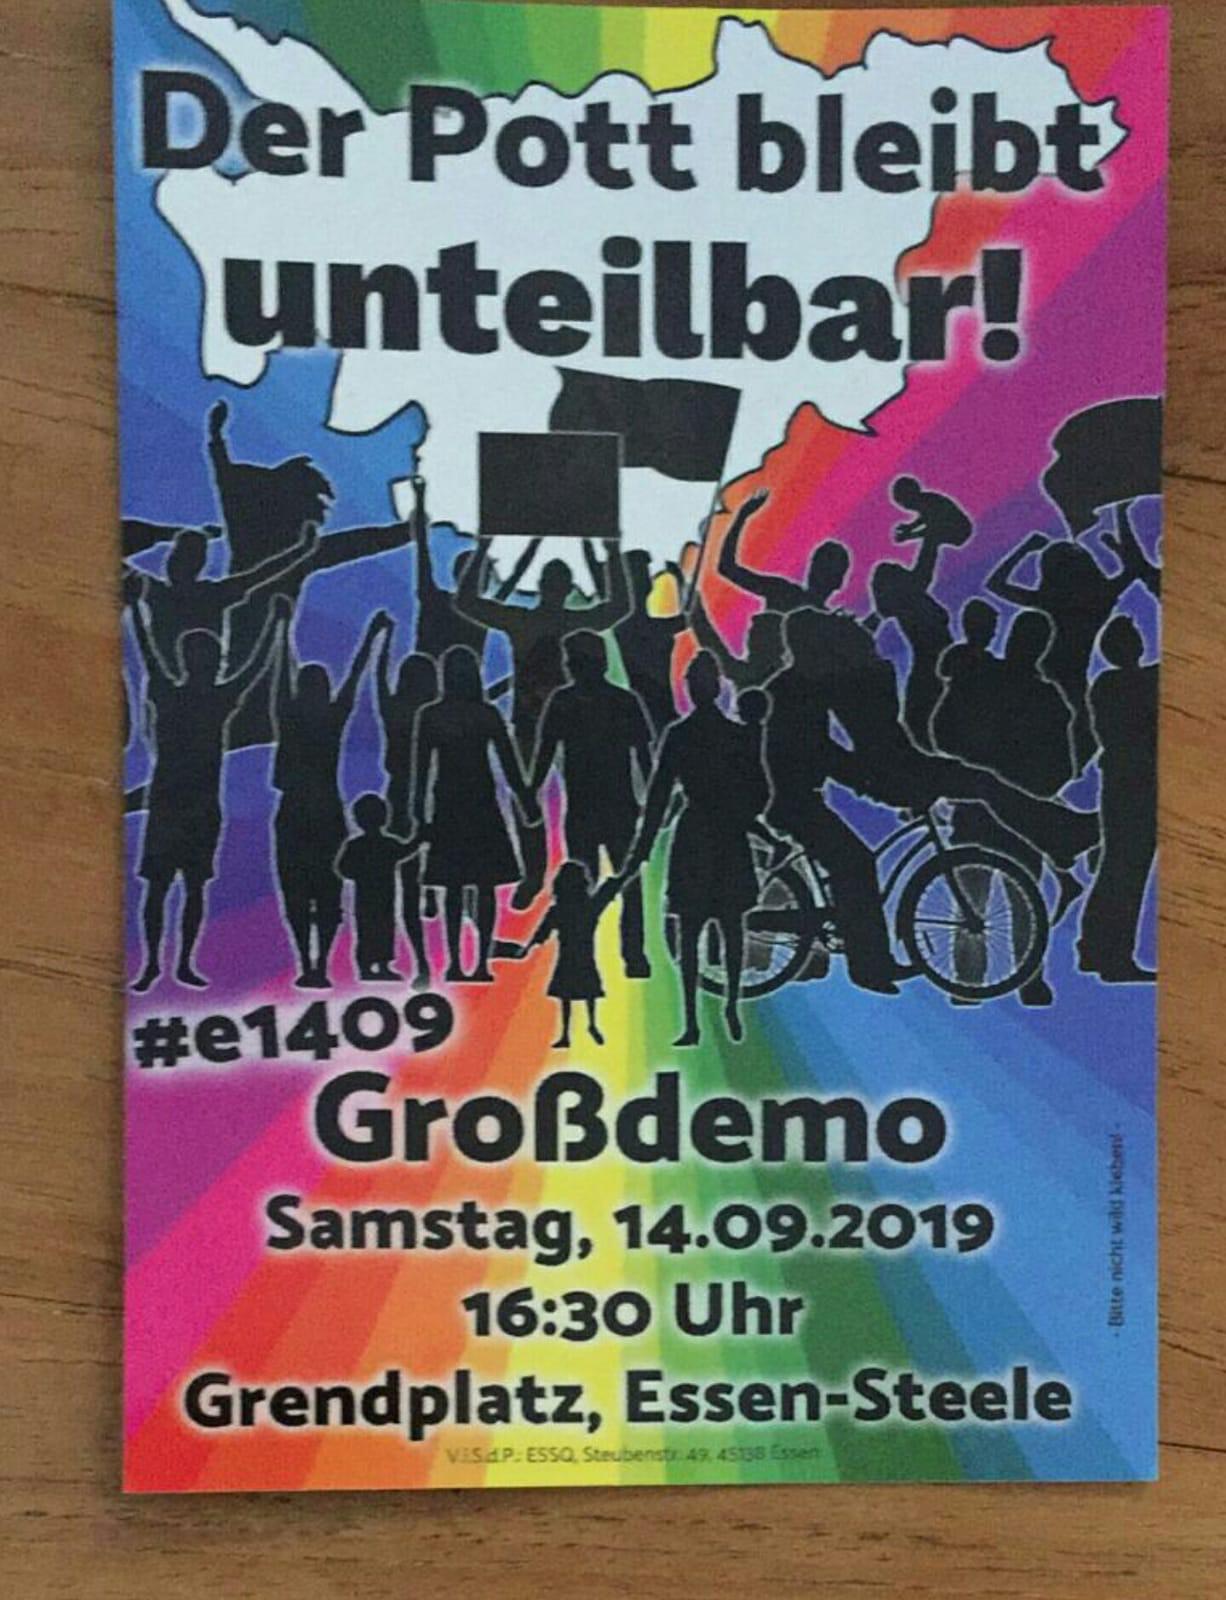 Essen-Steele' de Neonaziler birlikte protesto edilecek